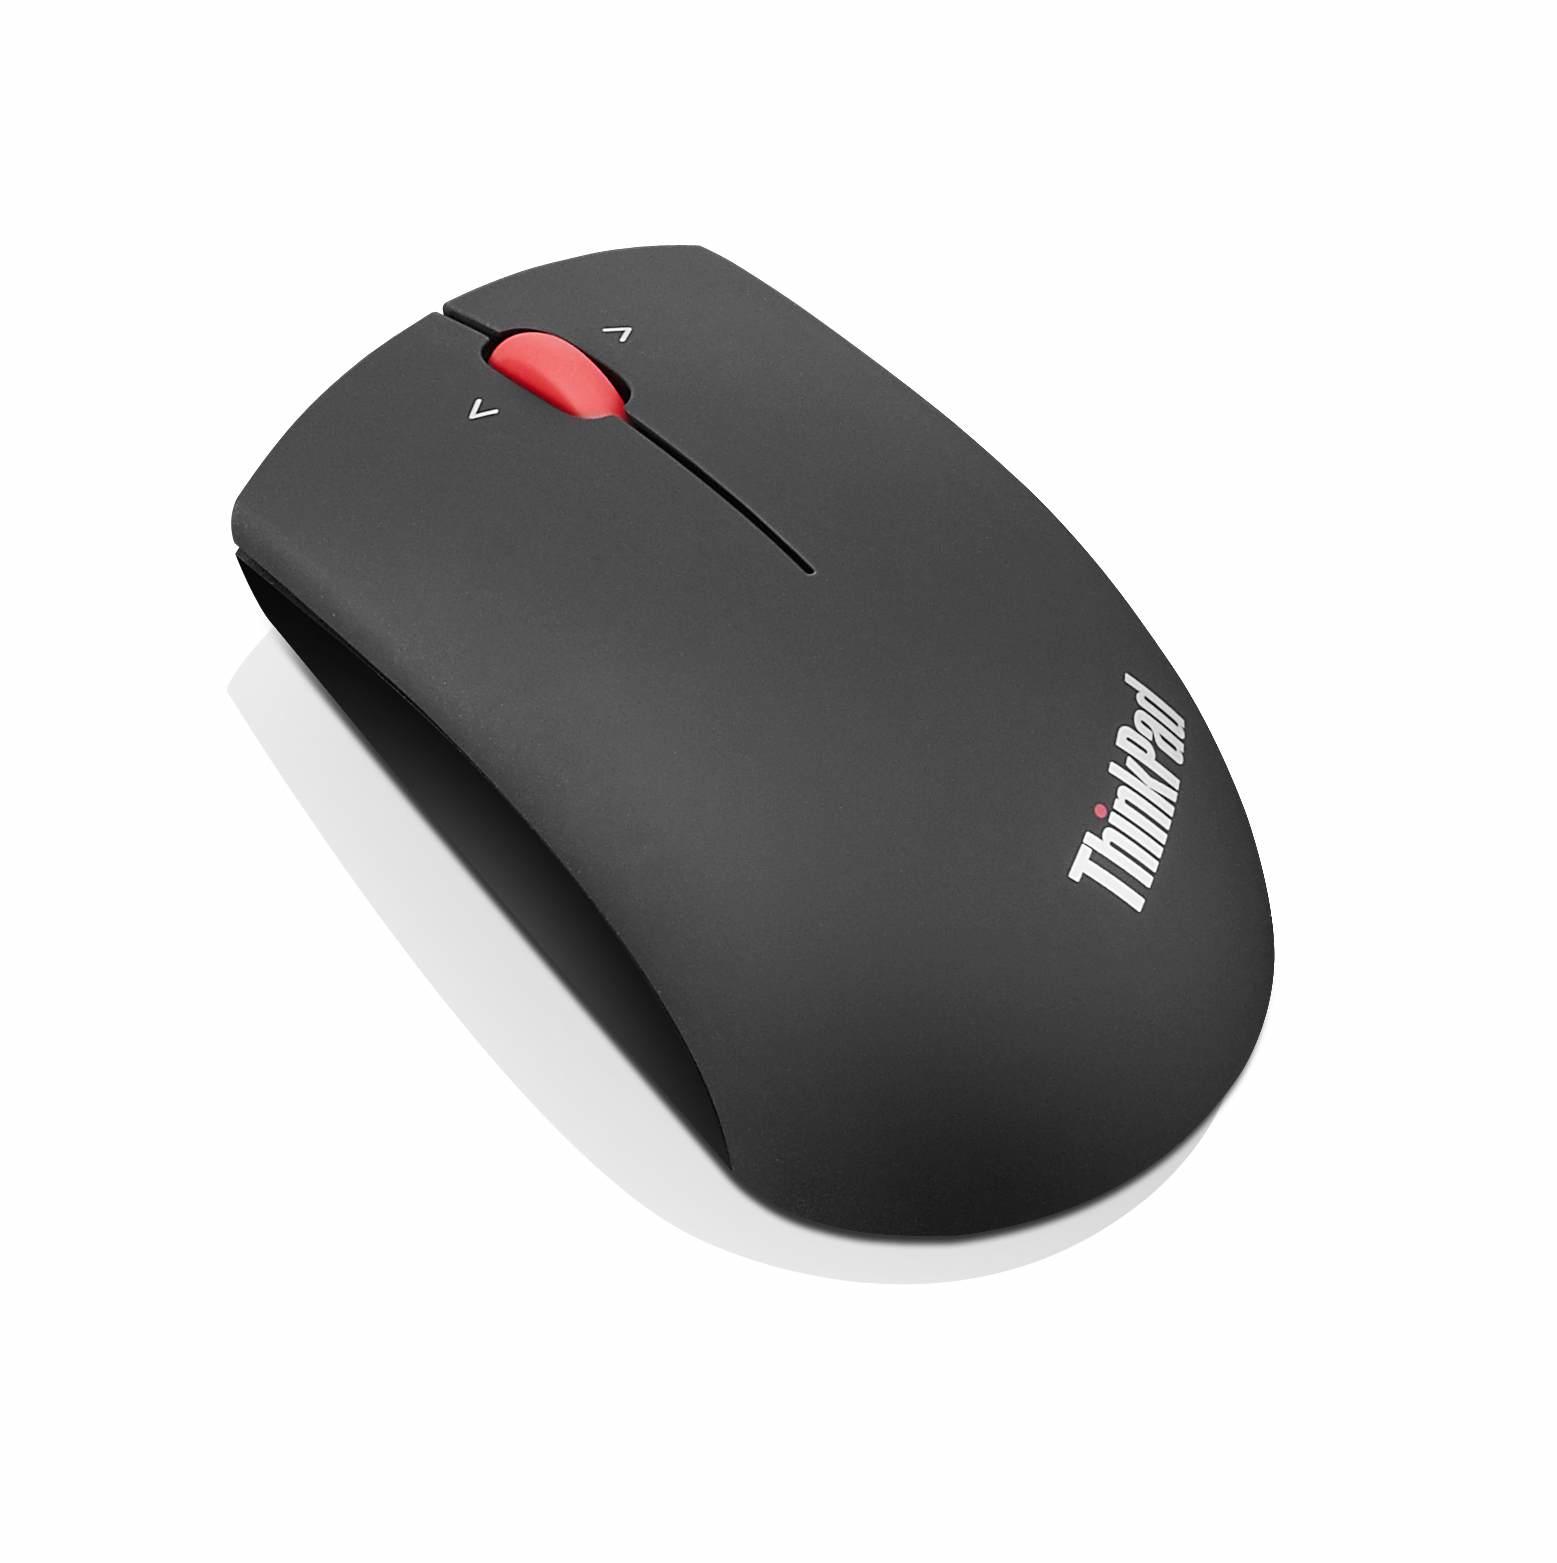 Lenovo Precision Wireless Mouse - Maus - 1.200 dpi Optisch - 3 Tasten - Schwarz